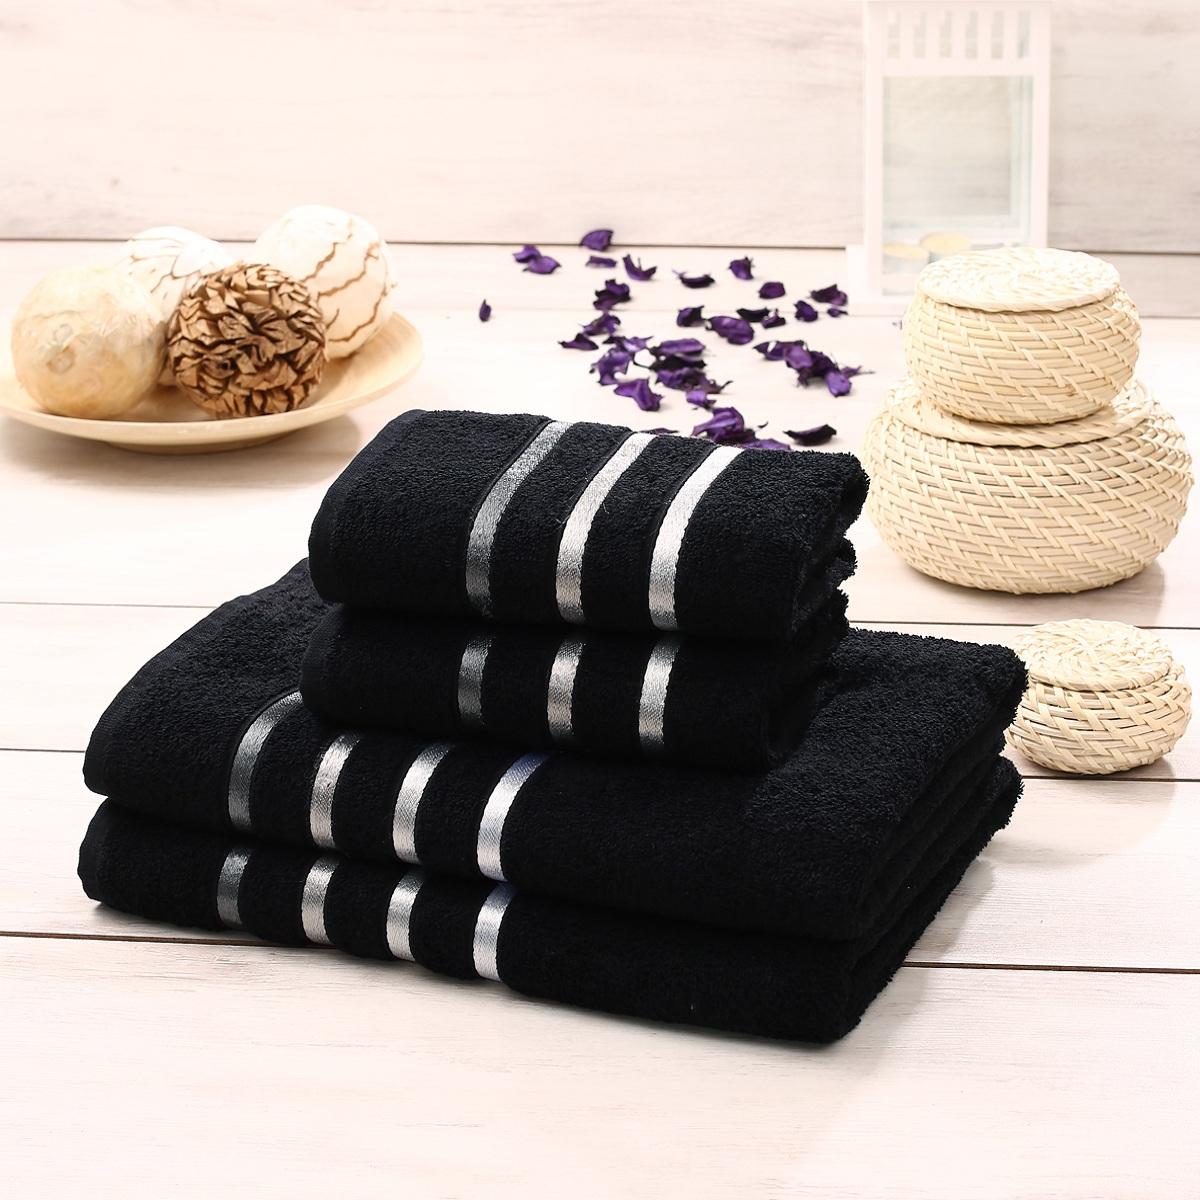 Набор полотенец Karna Bale, цвет: черный, 50 х 80 см, 70 х 140 см, 4 штBTY-10113476ФНабор полотенец Karna Bale изготовлен из высококачественных хлопковых нитей.Хлопковые нити прядутся из длинных волокон. Длина волокон хлопковой нити влияет на свойства ткани, чем длиннее волокна, тем махровое изделие прочнее, пушистее и мягче на ощупь.Также махровое изделие отлично впитывает воду и быстро сохнет. На впитывающие качества махры (ее гигроскопичность) влияет состав волокон. Махра абсолютно не аллергенна, имеет высокую воздухопроницаемость и долгий срок использования ткани. Отличительной особенностью данной модели является её оригинальный дизайн и подарочная упаковка. В наборе: 2 банных полотенца: 70 x 140 см 2 полотенца для лица и рук: 50 х 80 см